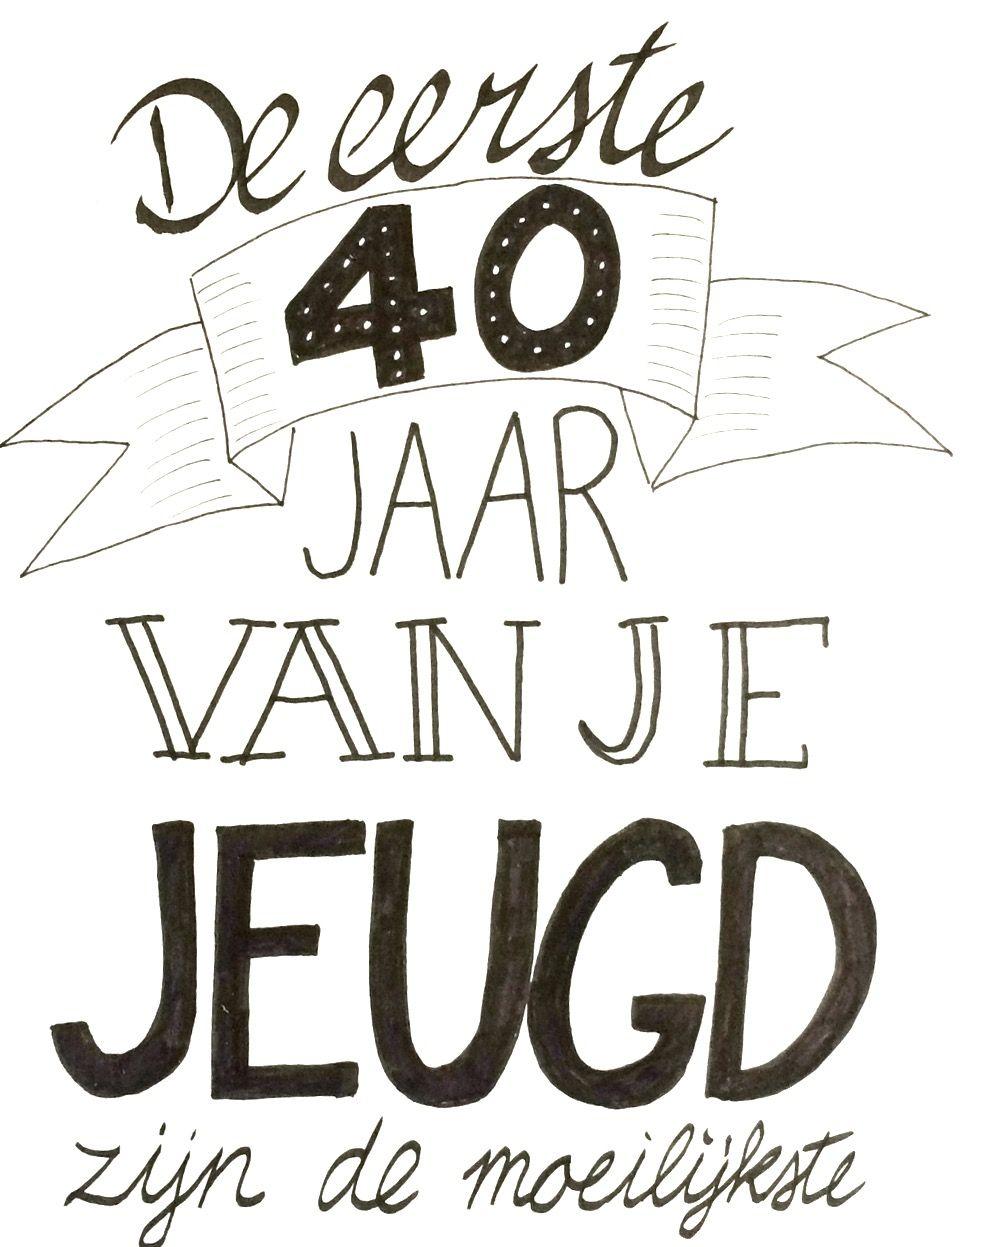 40 Jaar Spreuken Verjaardag.De Eerste 40 Jaar Van Je Jeugd Zijn De Moeilijkste